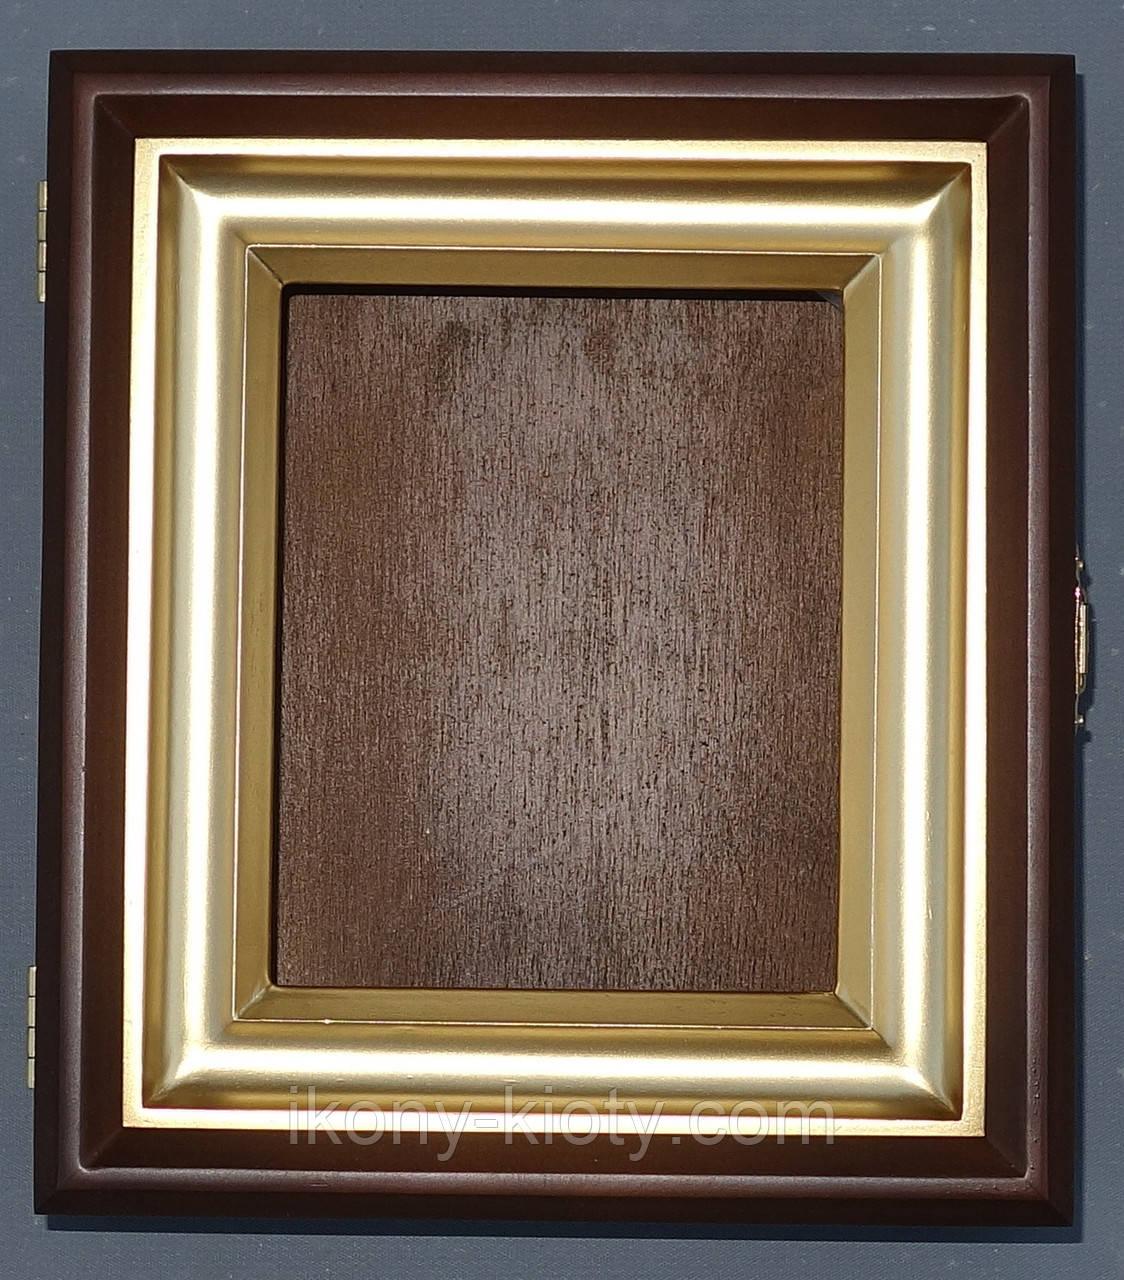 Ровный миниатюрный киот из ольхи с деревянной рамкой, покрытой акриловой краской, имитирующей золото.